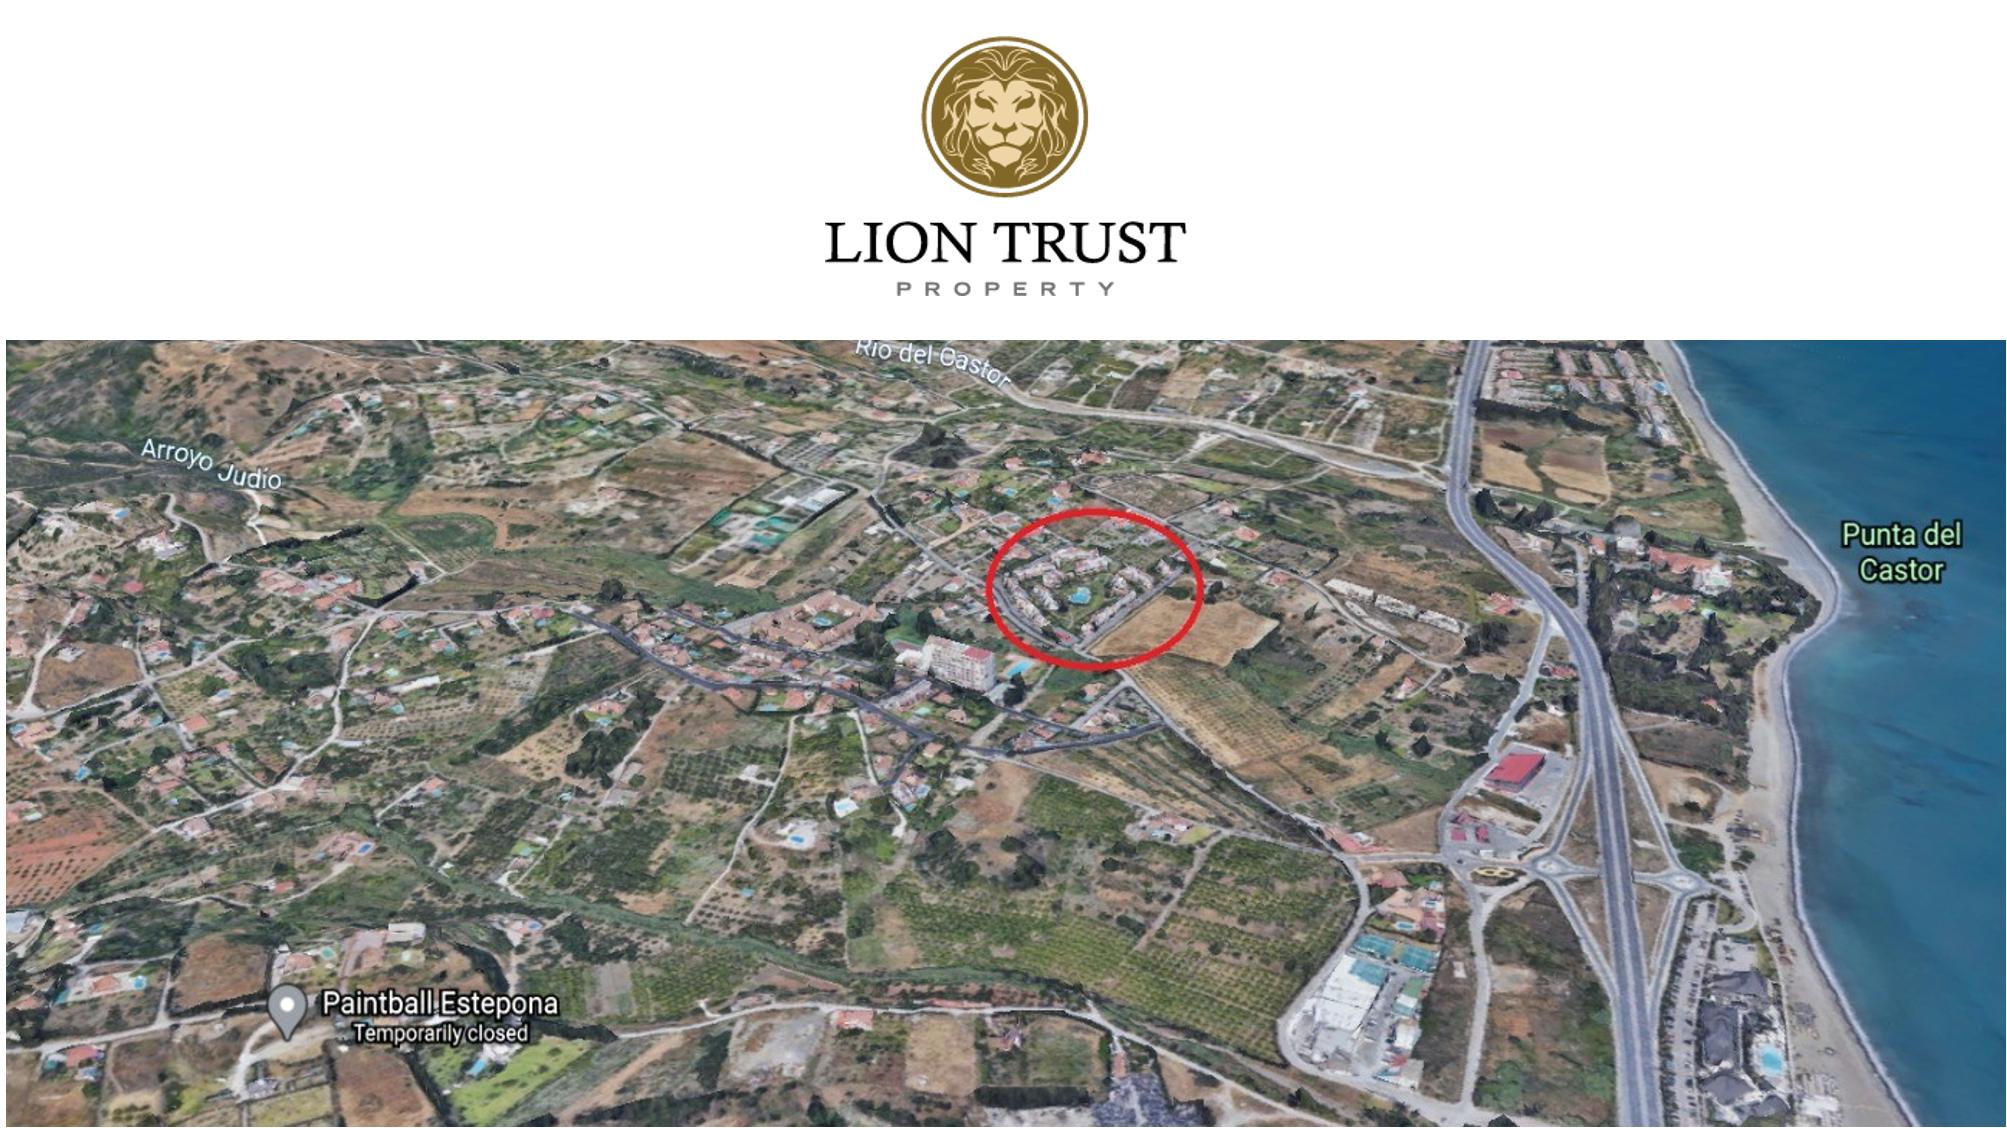 4a 1 - Lion Trust Spain